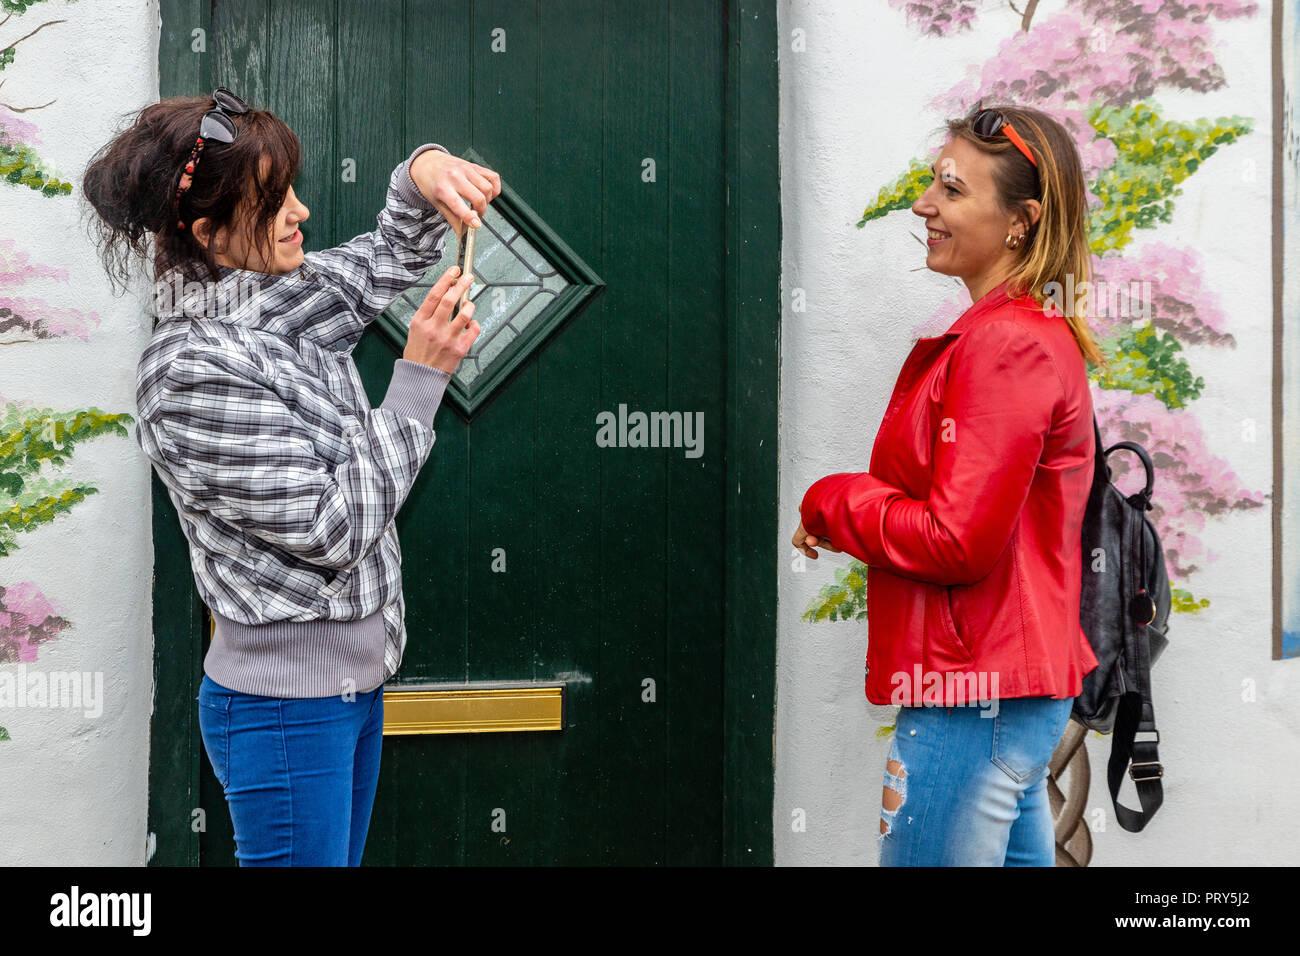 ab4f2b885eaed9 Zwei Frauen rauchen und Smartphone auf der Straße Stockfoto, Bild ...